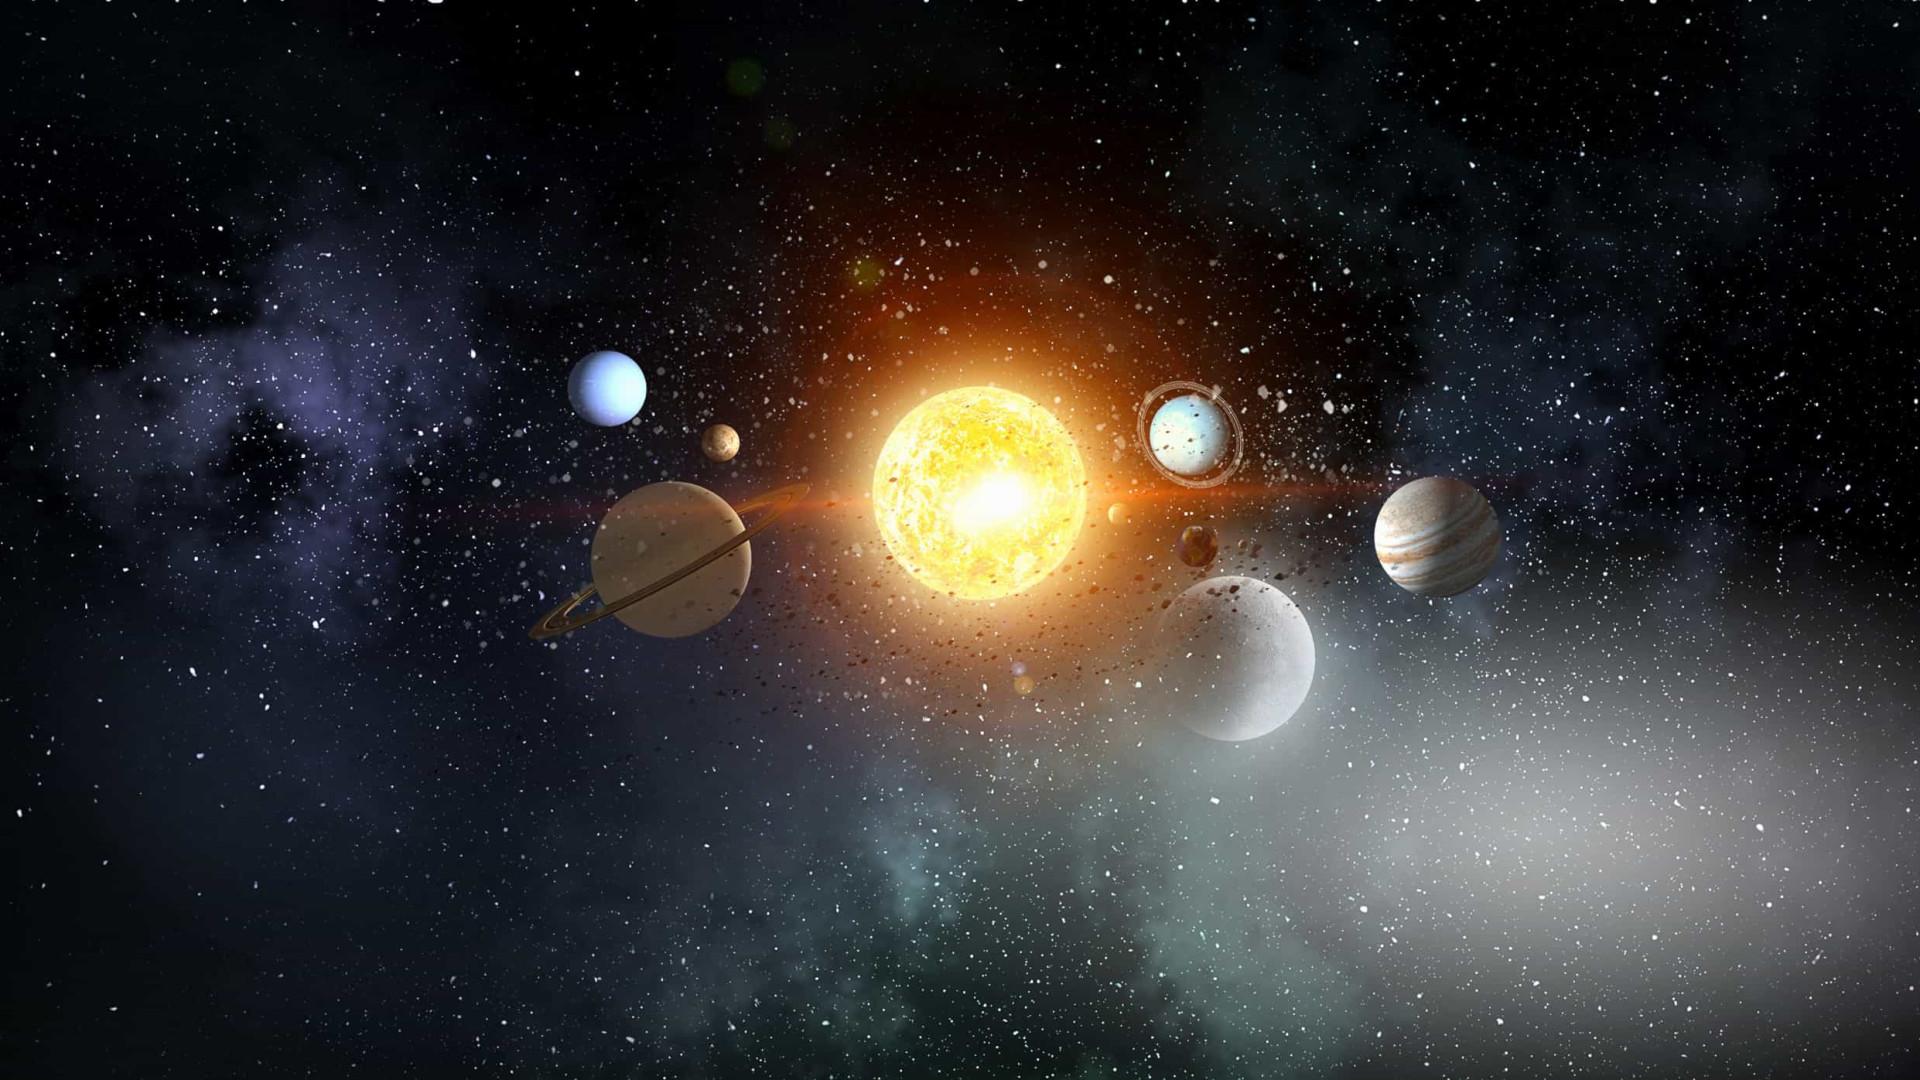 Sistema Solar foi formado depois de colisão de galáxias, diz estudo